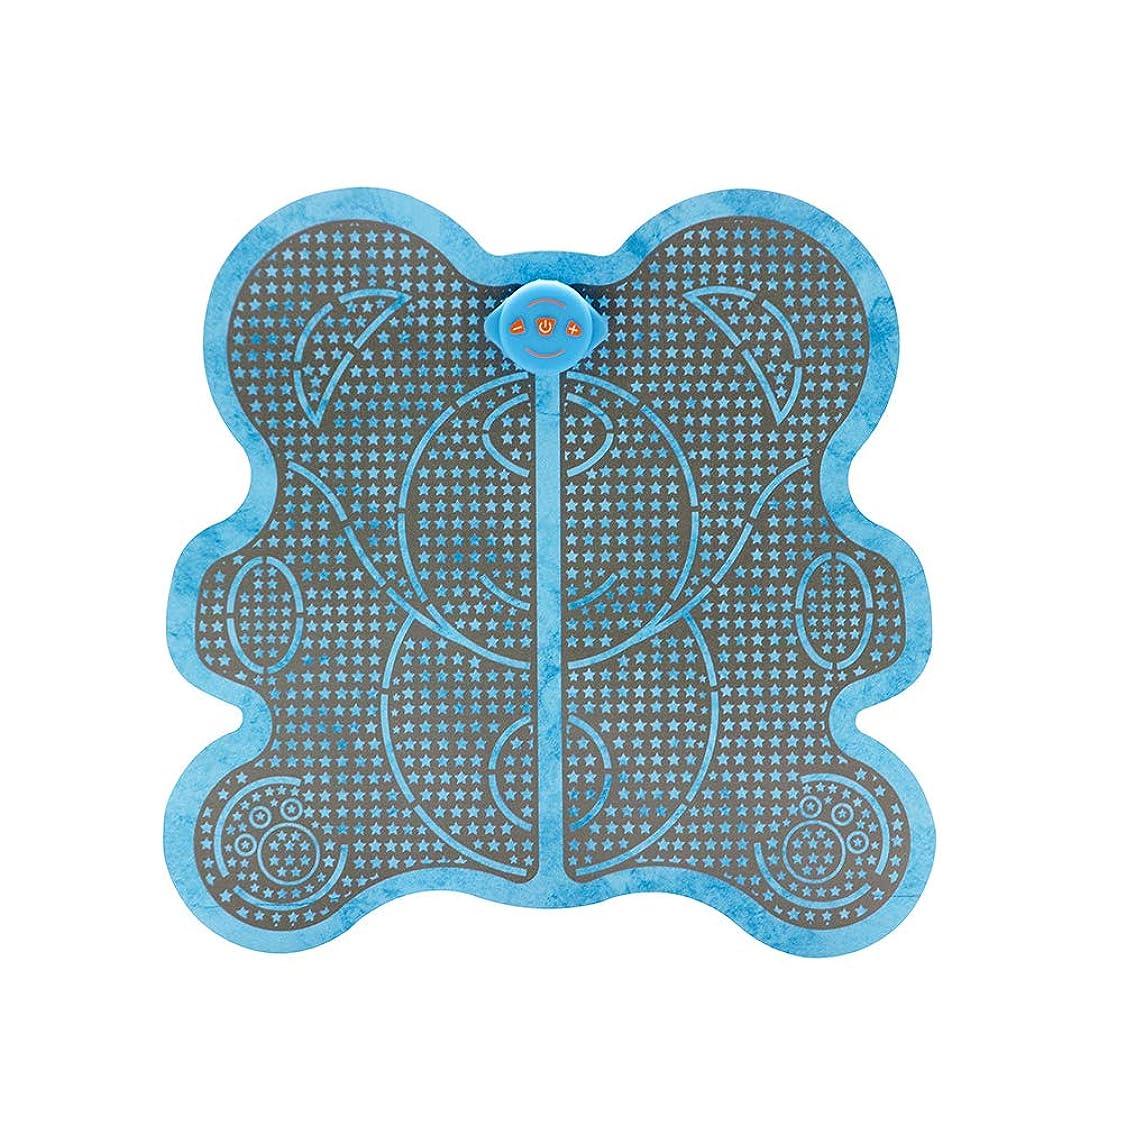 面白い浅いまつげSanwer フットマッサージャー EMS理学療法 フットマッサージクッション 足裏マッサージ機 フットマッサージャー 足指圧マッサージマット EMSリモートコントロール マッサージマット EMSフットマッサージャー 足刺激装置 EMSフットマッサージャークッション 調整可能 電動足裏マッサージ 筋肉刺激 血液循環